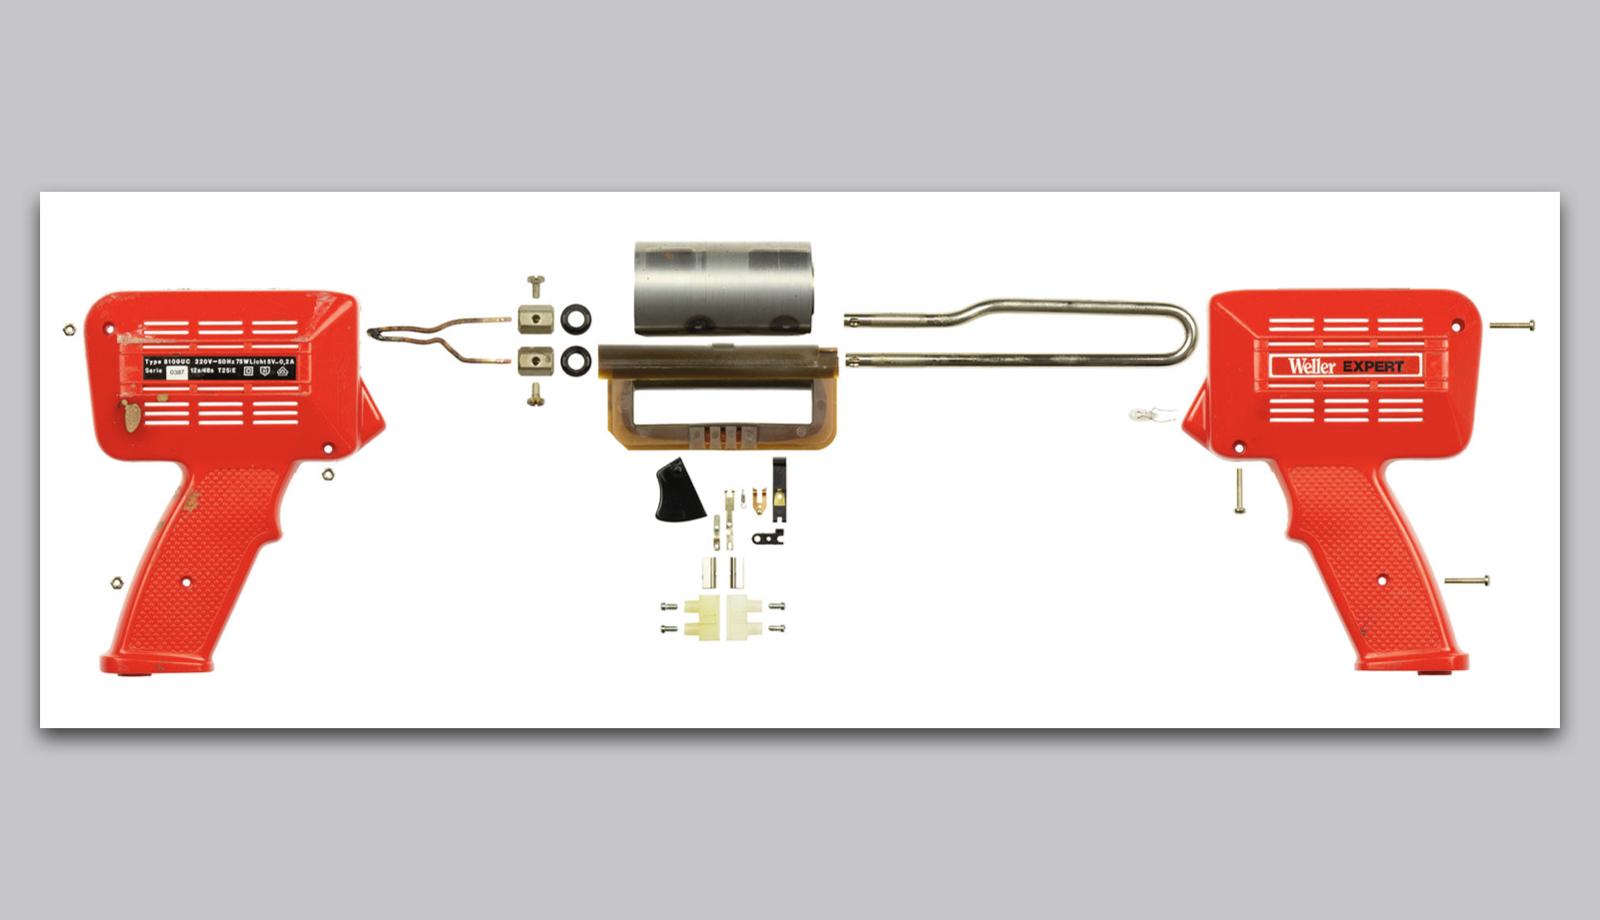 Publikation499_ReneSpitz-Designkritik_SpotOnDesign_DesignSprichtMaschine